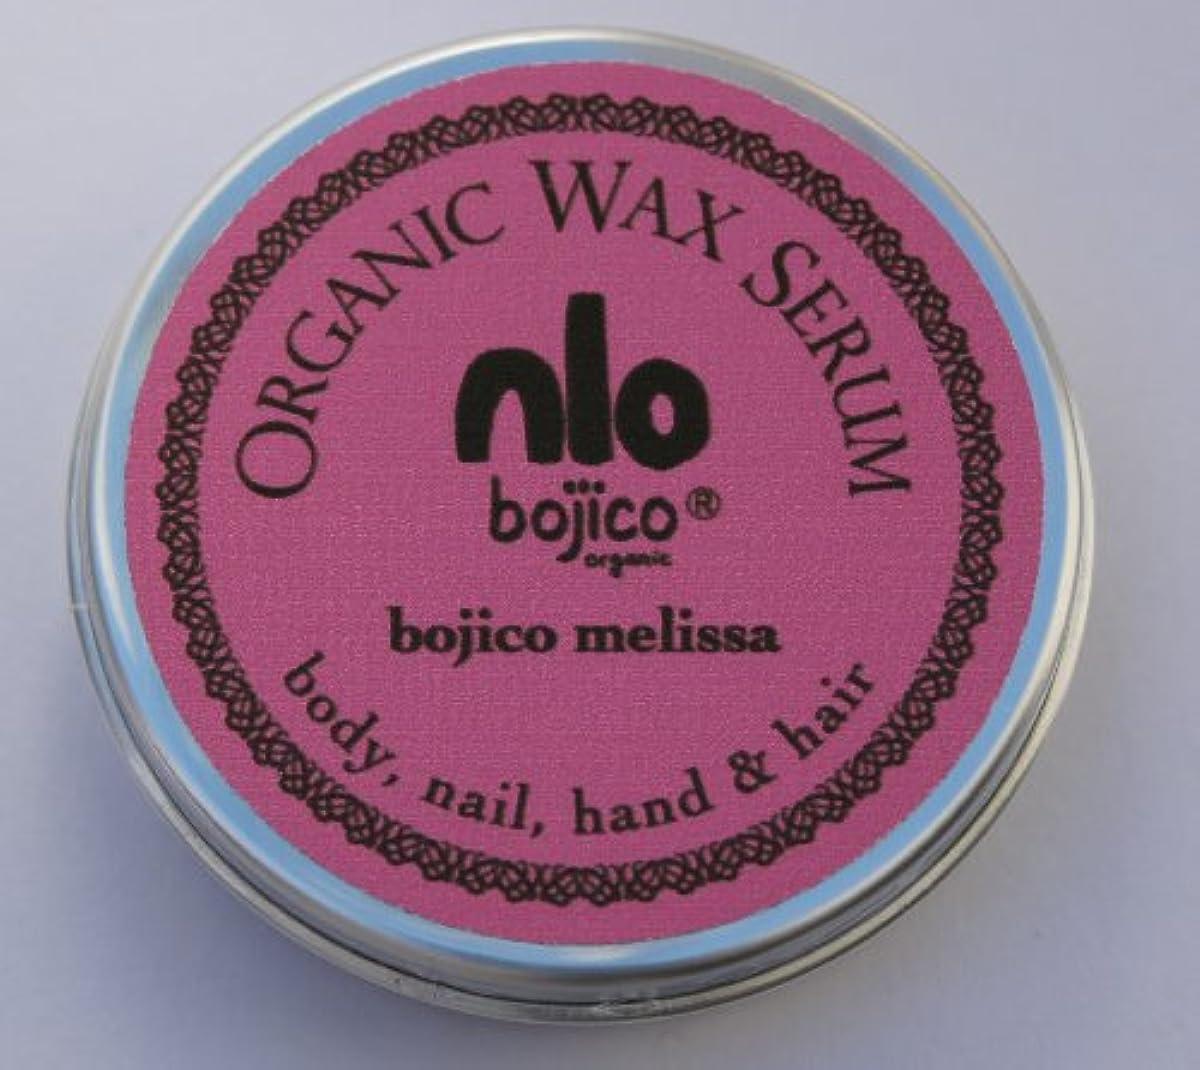 酔ってホスト過度にbojico オーガニック ワックス セラム<メリッサ> Organic Wax Serum 18g